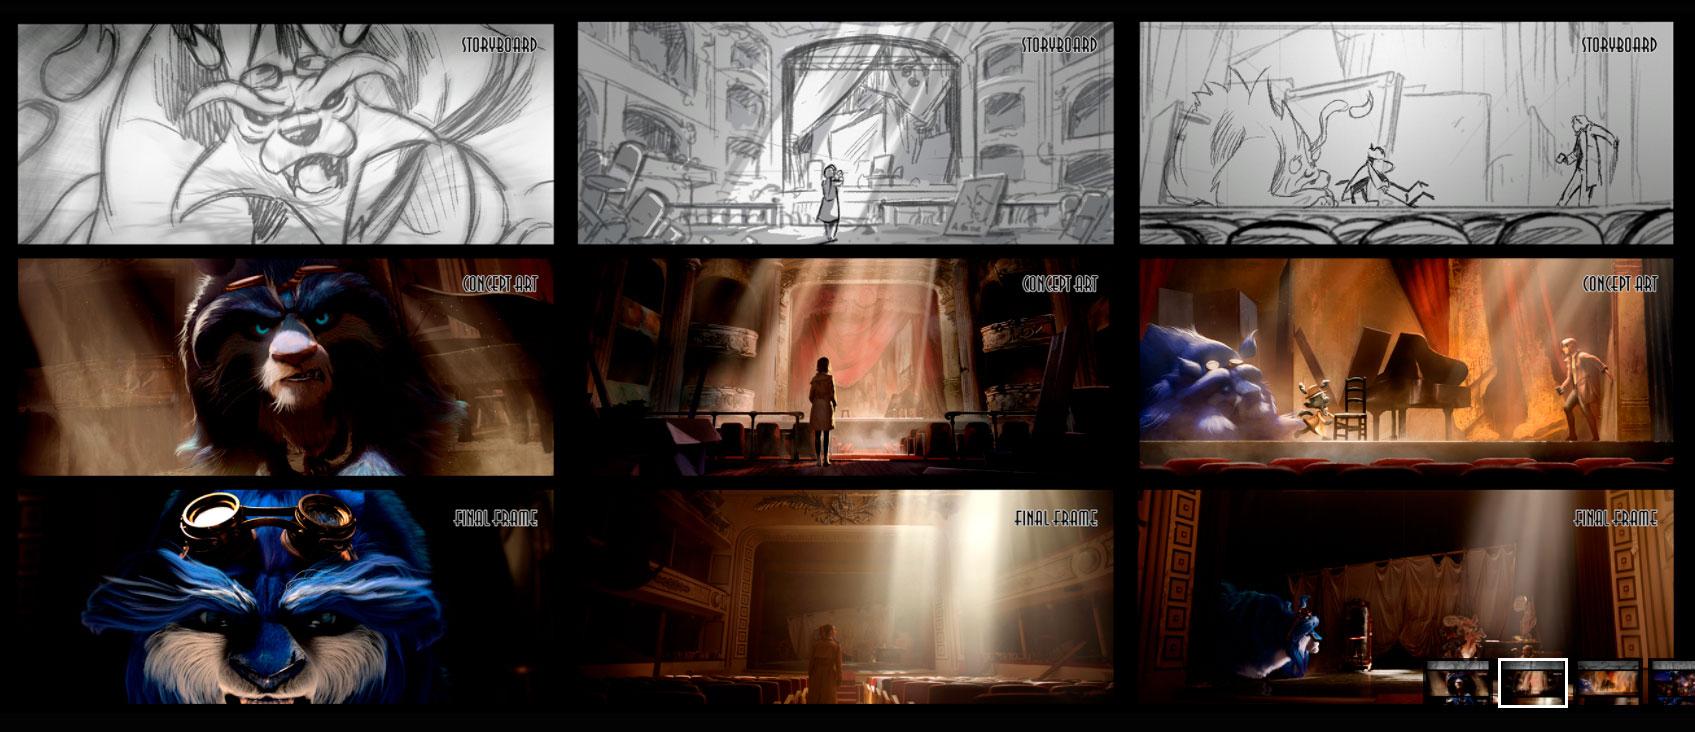 storyboard de animación